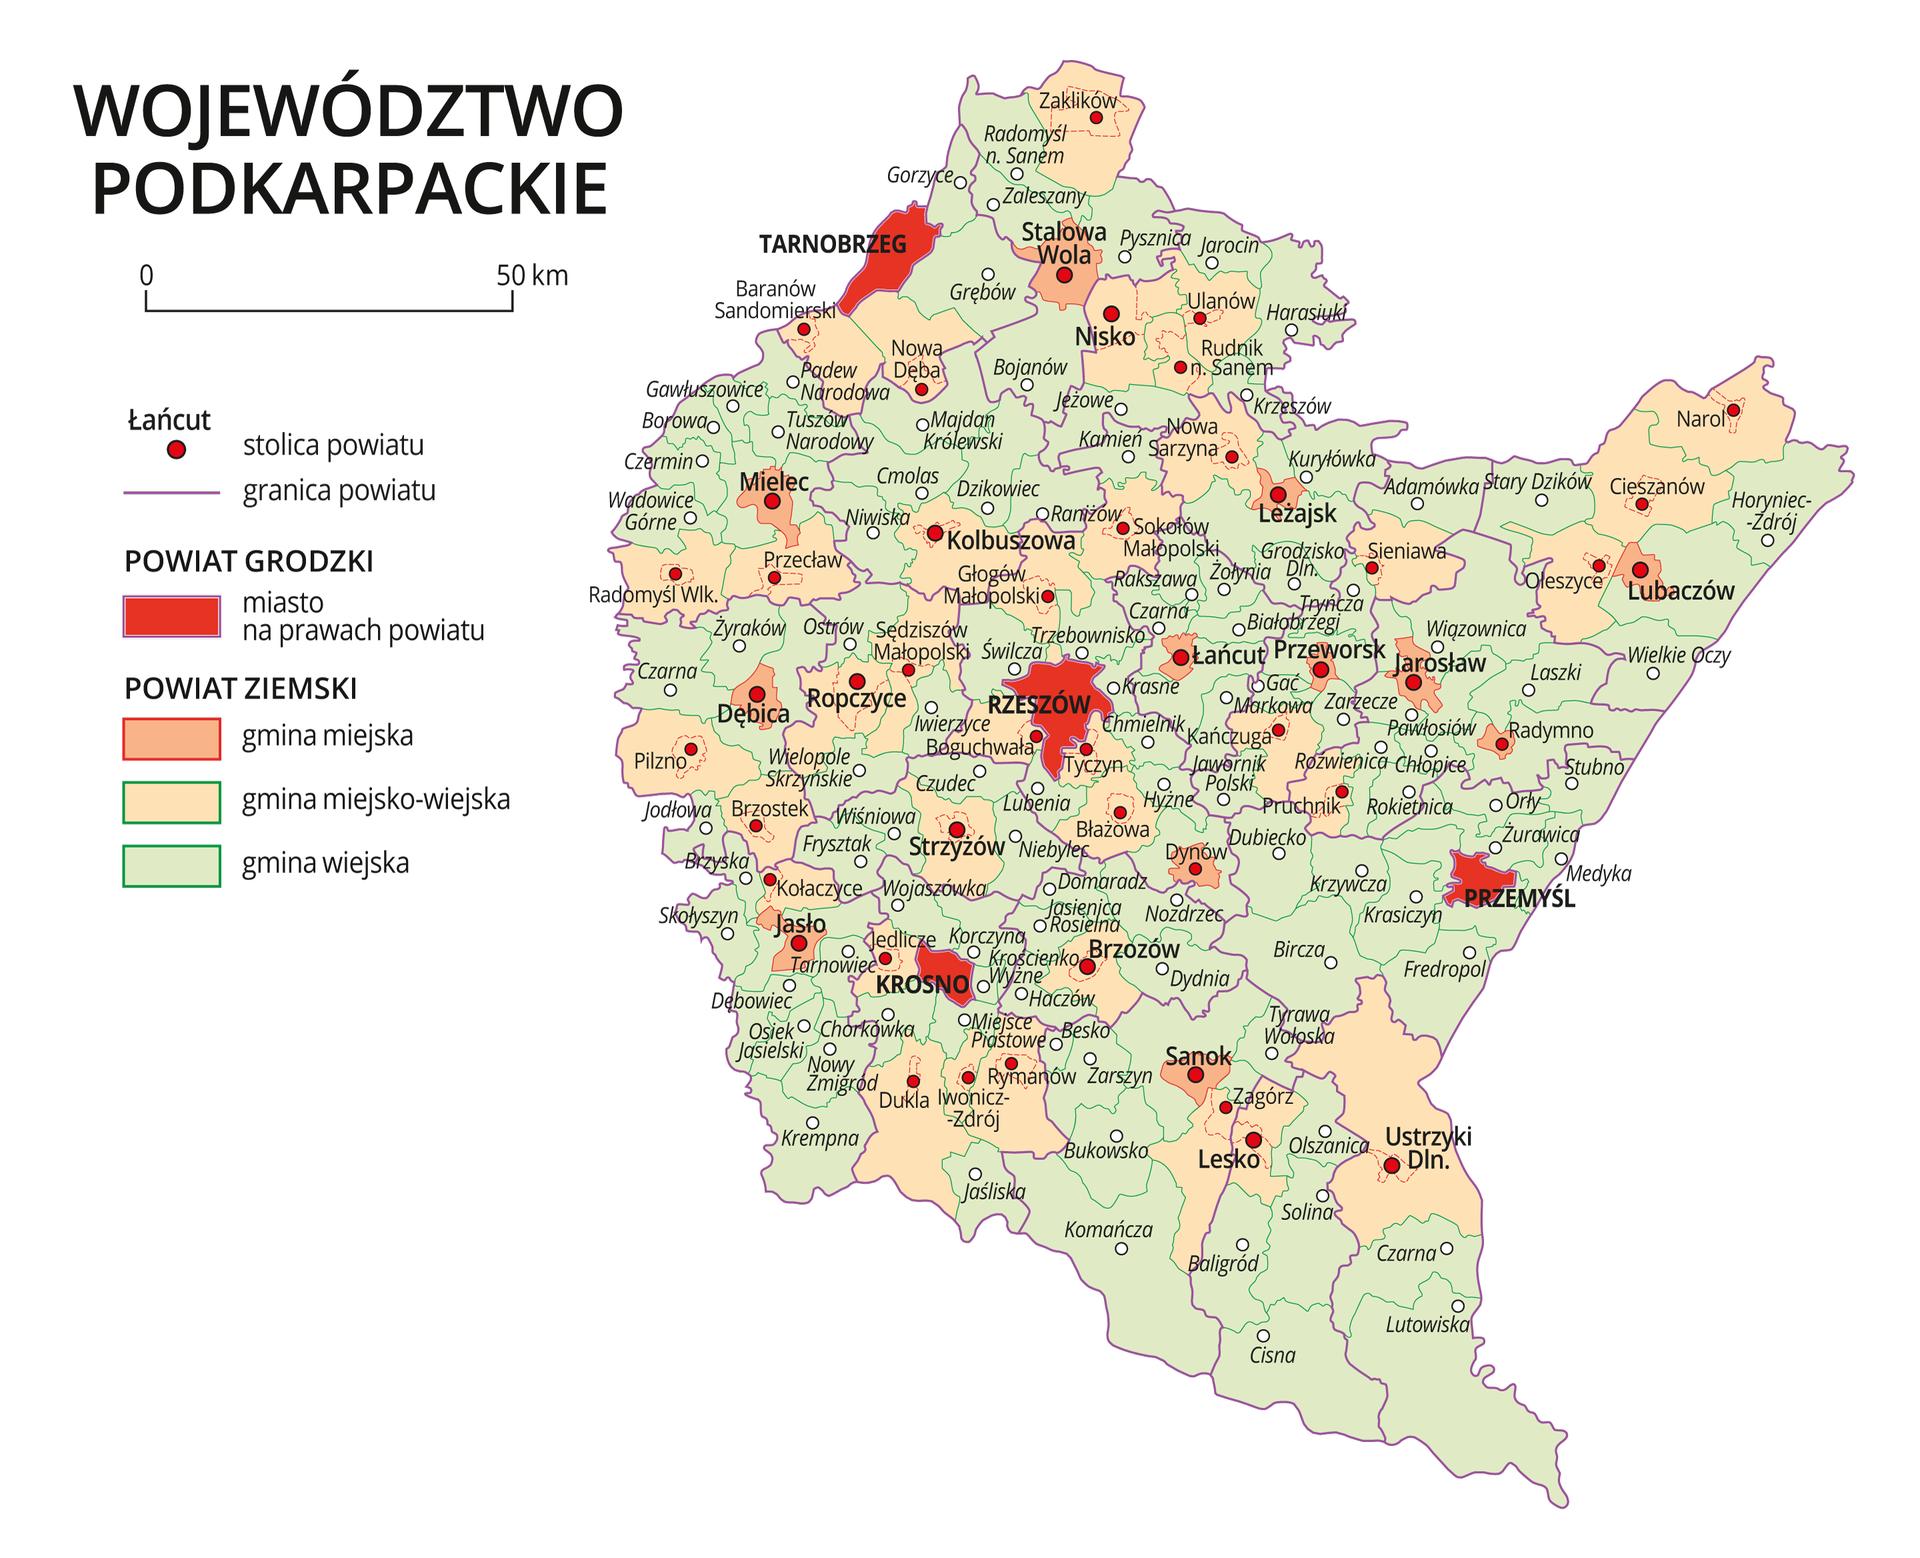 Mapa województwa podkarpackiego. Na mapie fioletowymi liniami zaznaczono granice powiatów ziemskich, dużymi czerwonymi kropkami zaznaczono miasta będące stolicami powiatów. Wobrębie powiatów ziemskich kolorami wyróżniono gminy miejskie, miejsko-wiejskie iwiejskie. Czerwonym kolorem wyróżniono powiaty grodzkie zmiastami na prawach powiatu, miasta te opisano dużymi literami. Kolory iznaki użyte na mapie opisano wlegendzie. Wlegendzie podziałka liniowa.